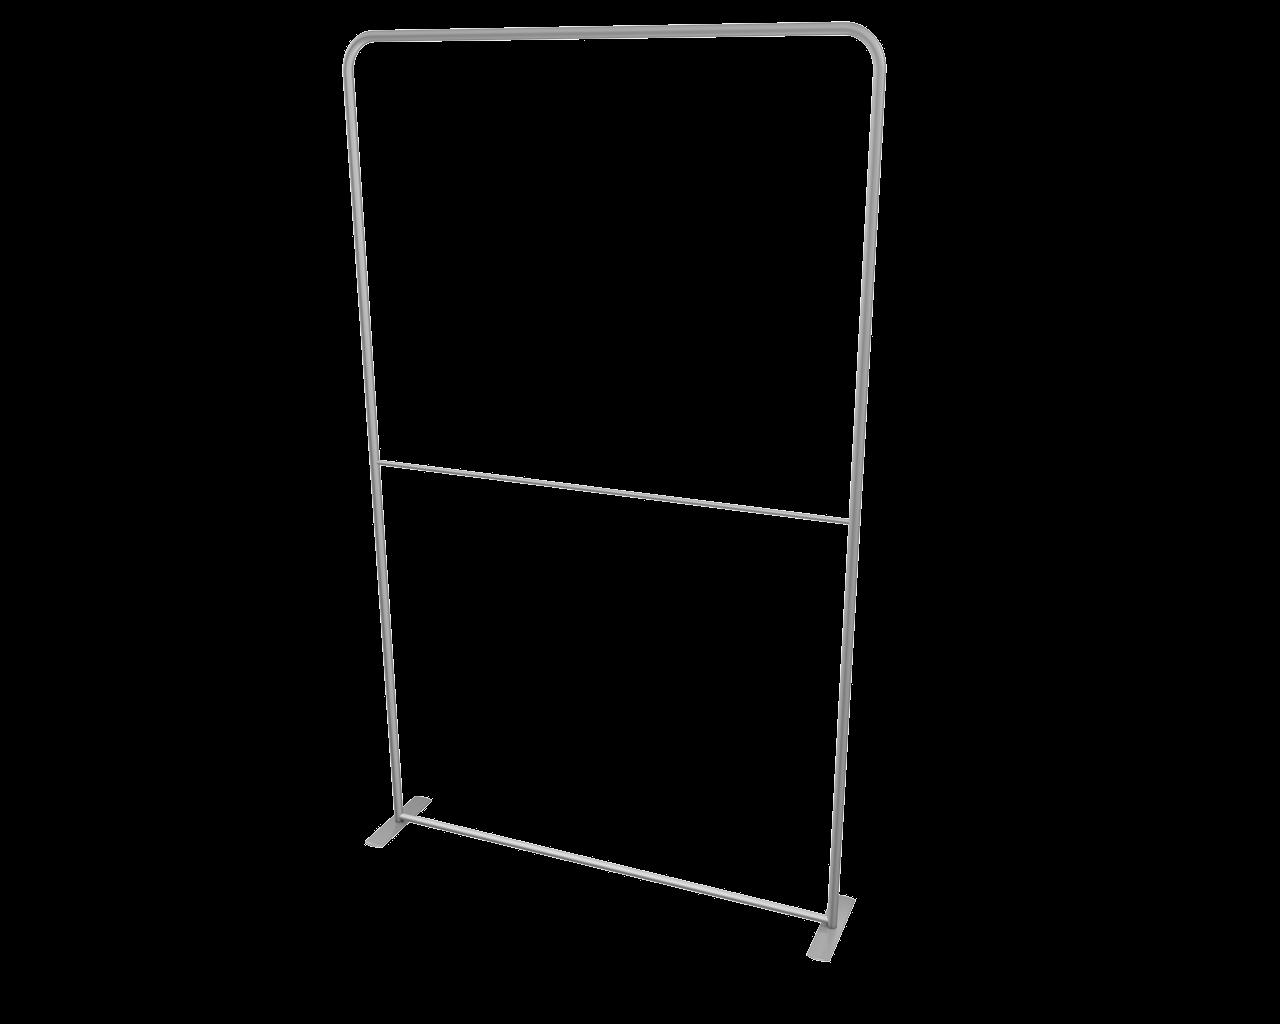 Waveline Media Panel L Frame